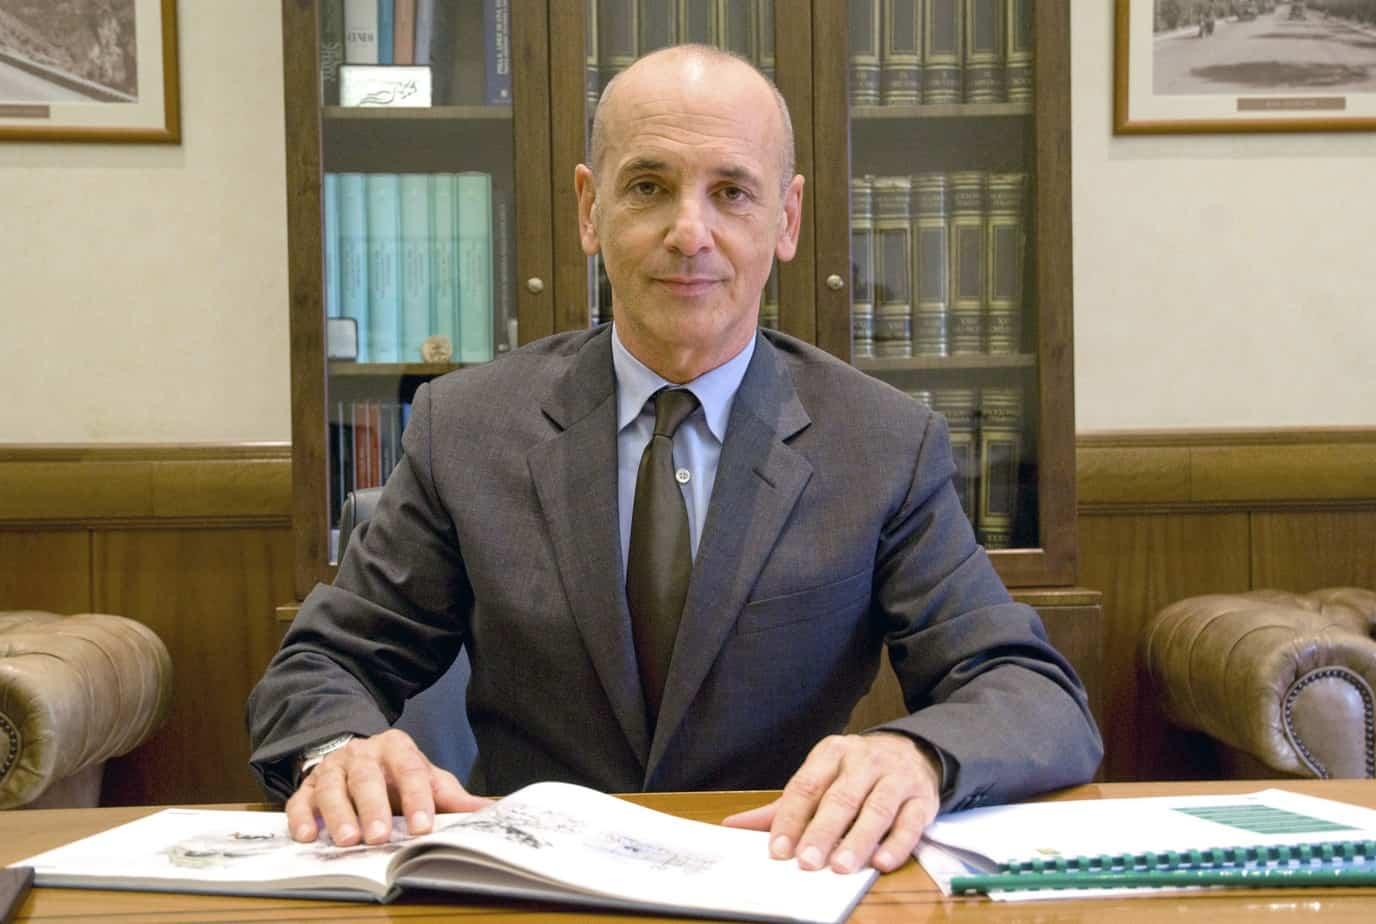 Guido Perosino, Presidente di Quadrilatero Marche-Umbria SpA